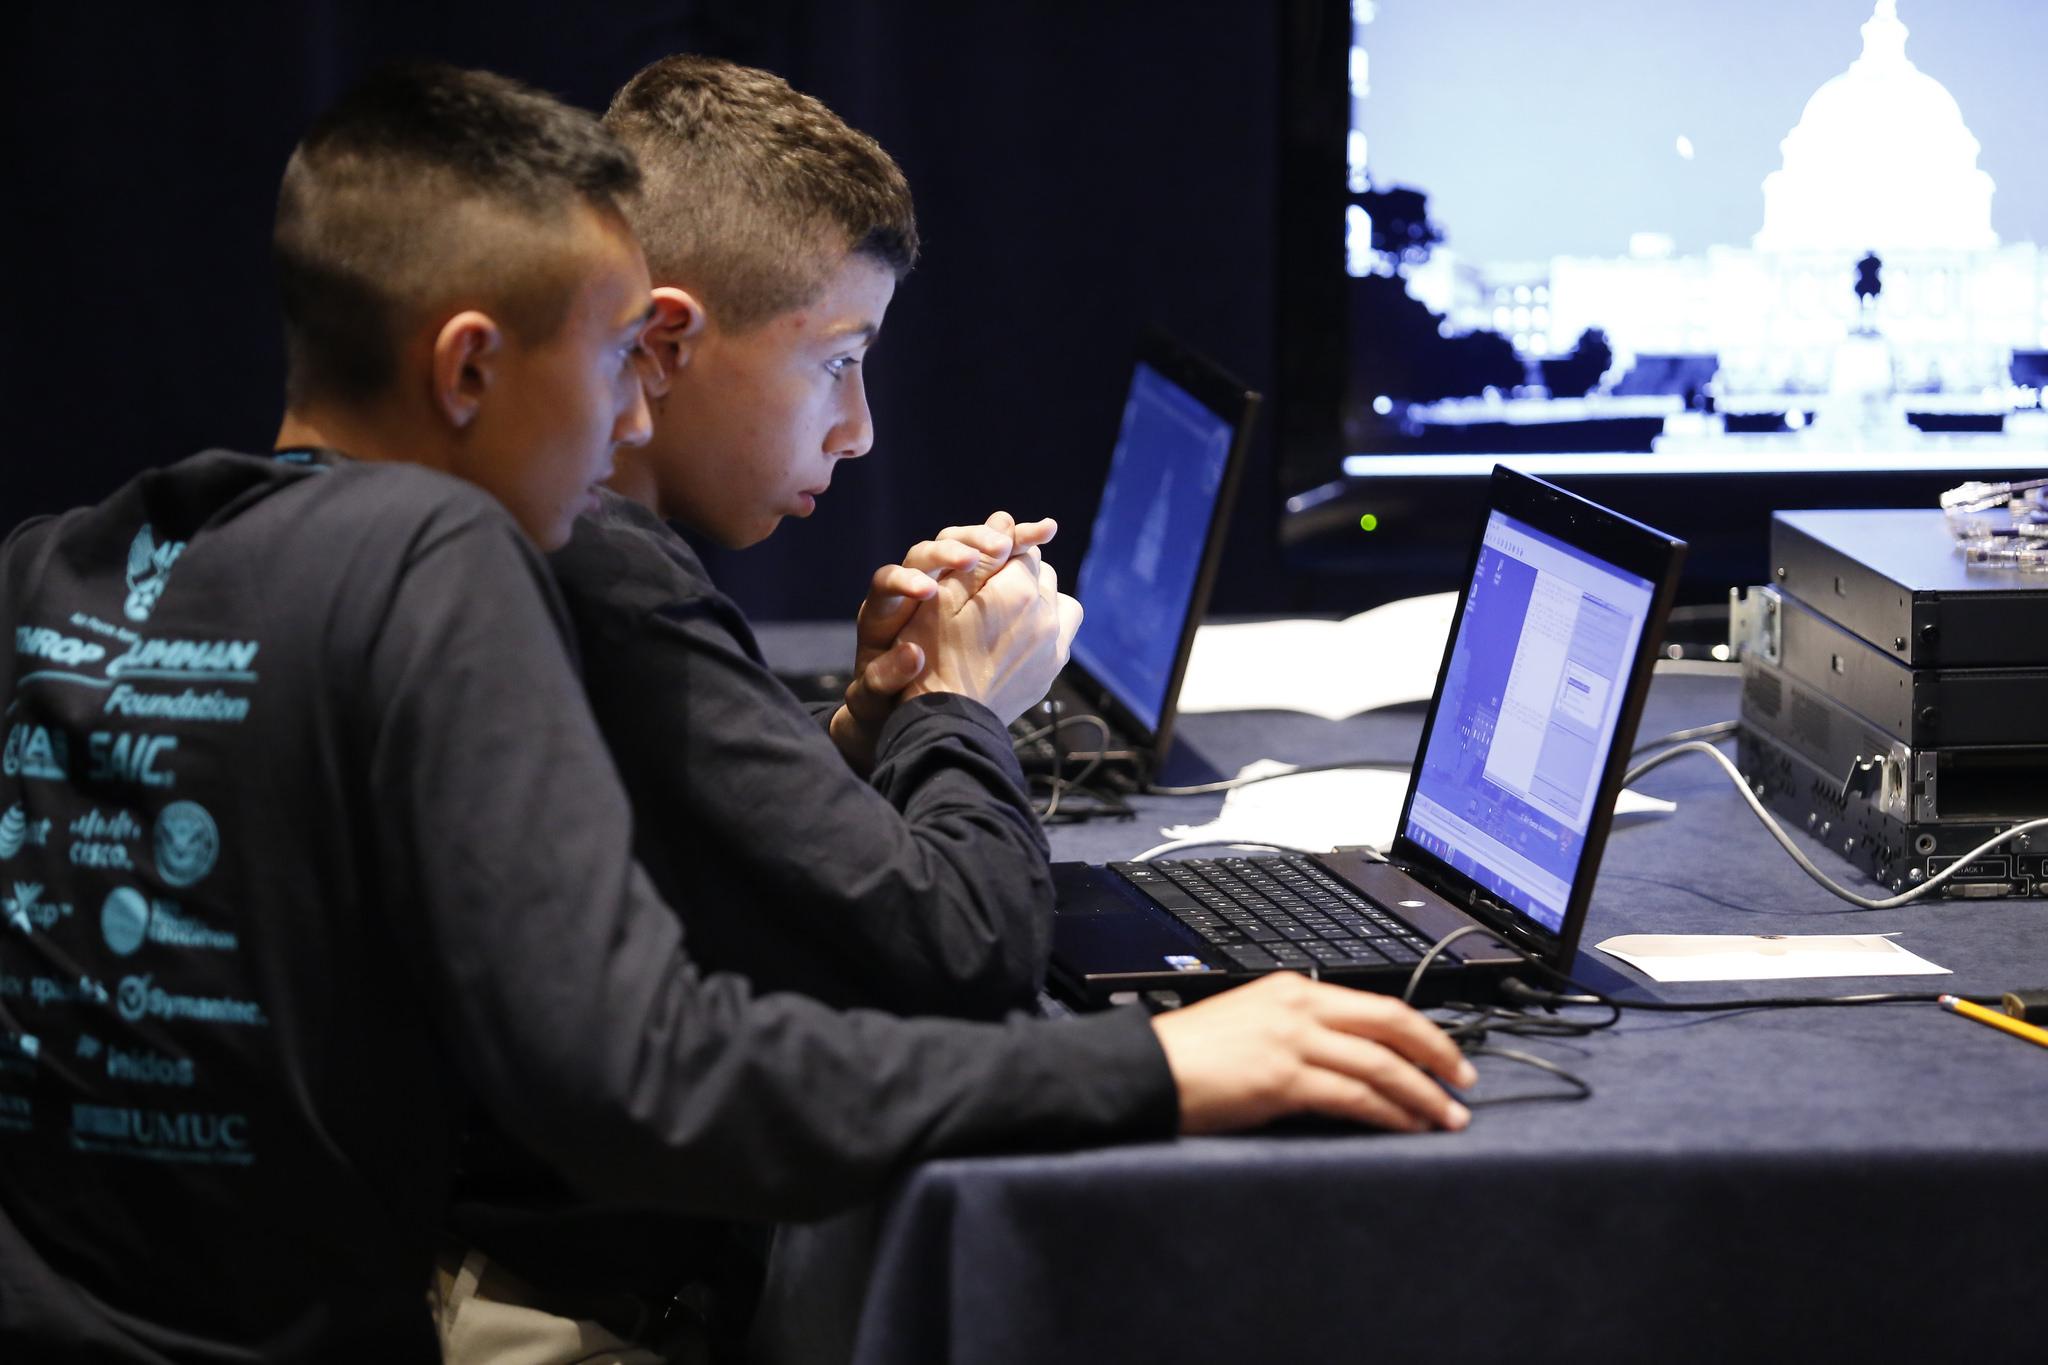 La jornada pretende formar en hábitos de ciberseguridad en colegios e institutos